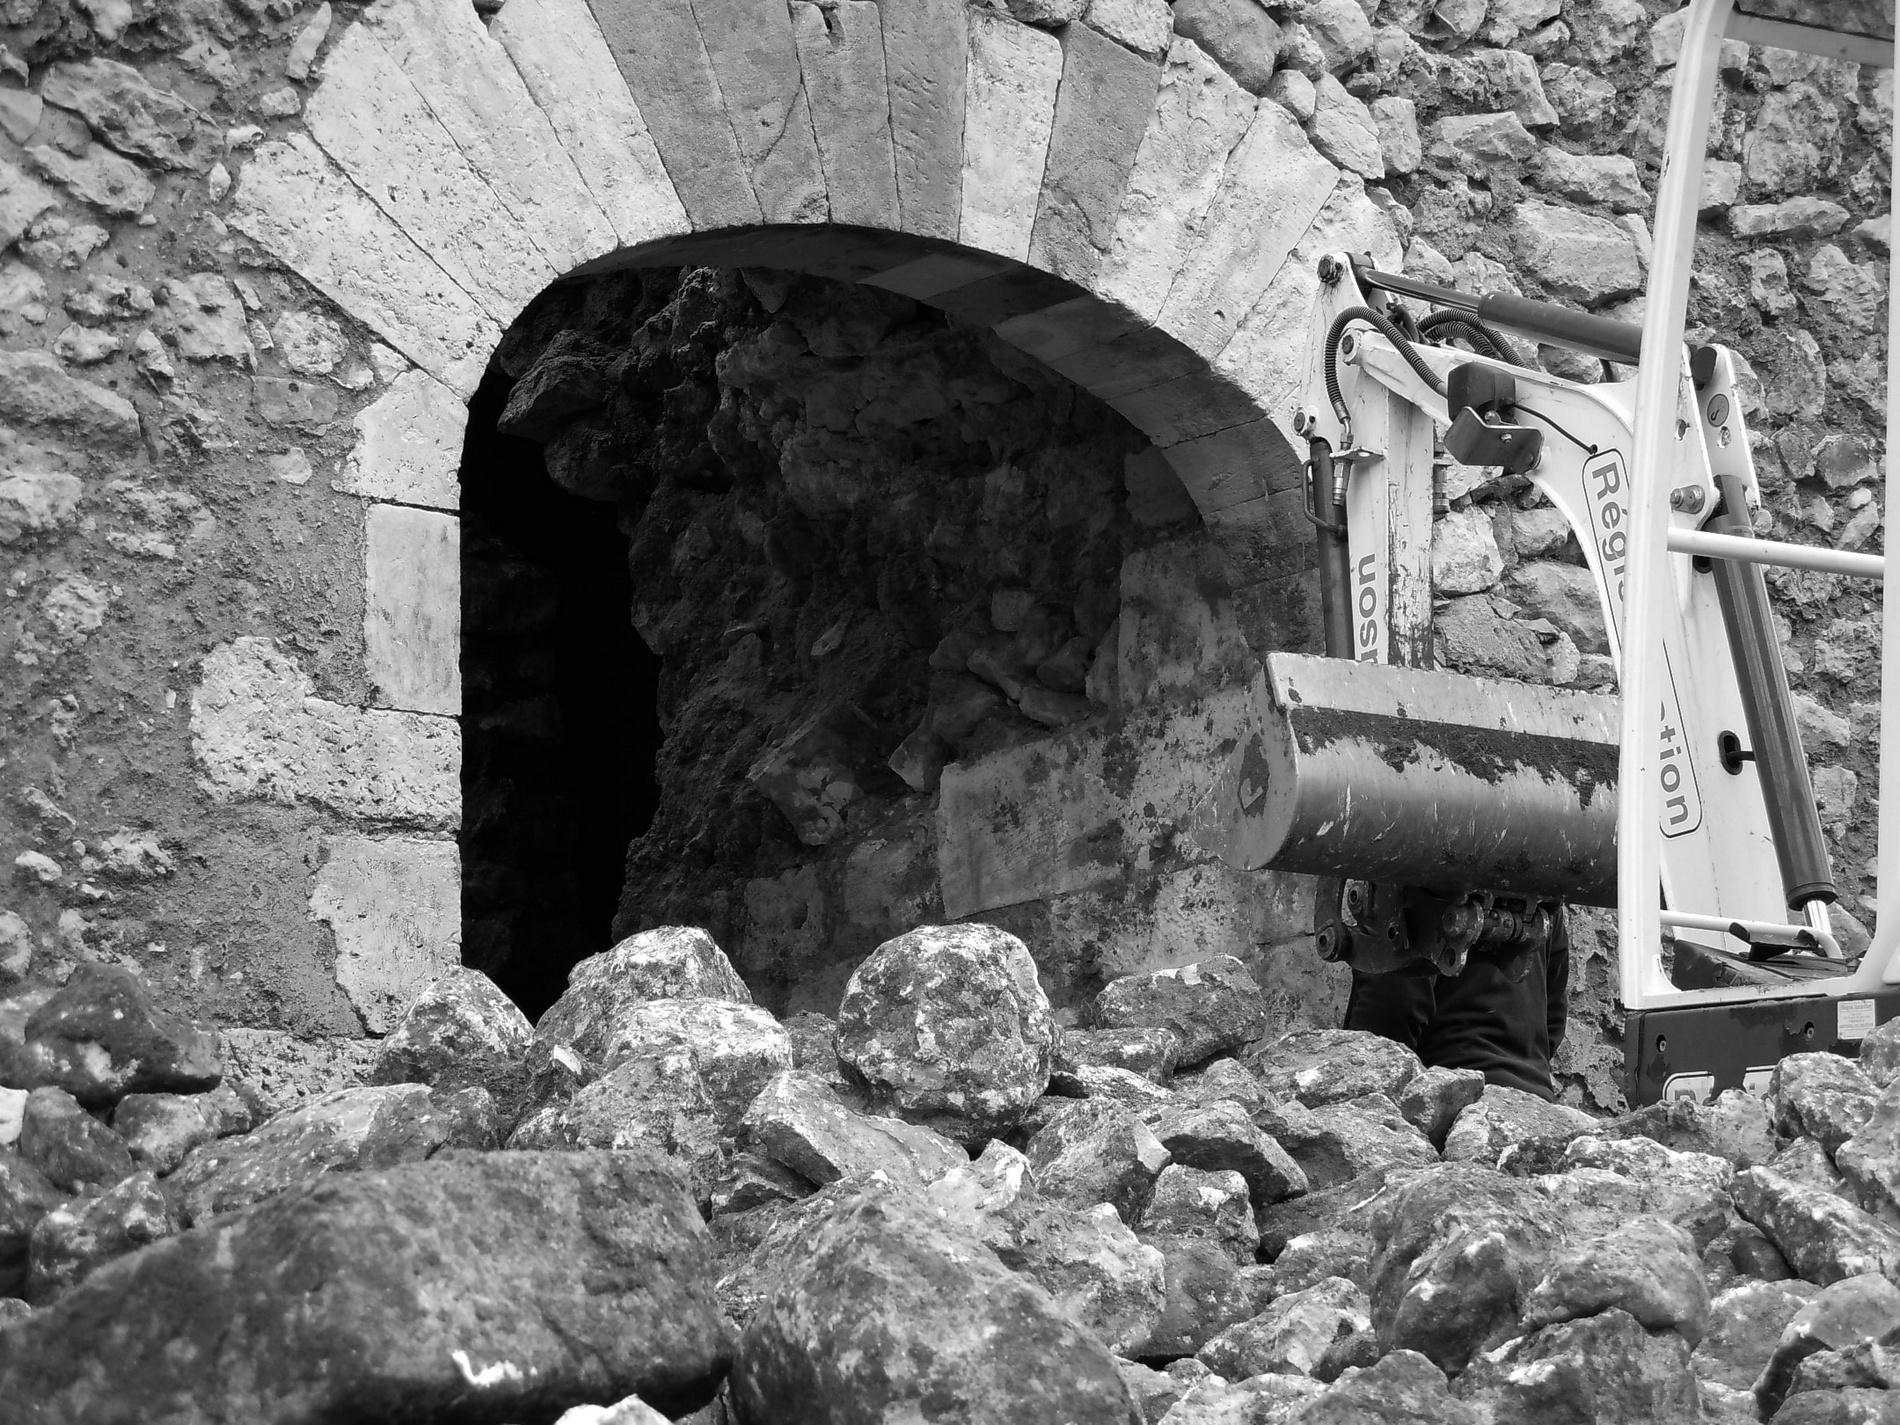 Castle renovation Dordogne France - Chateau de Clerans Bergerac